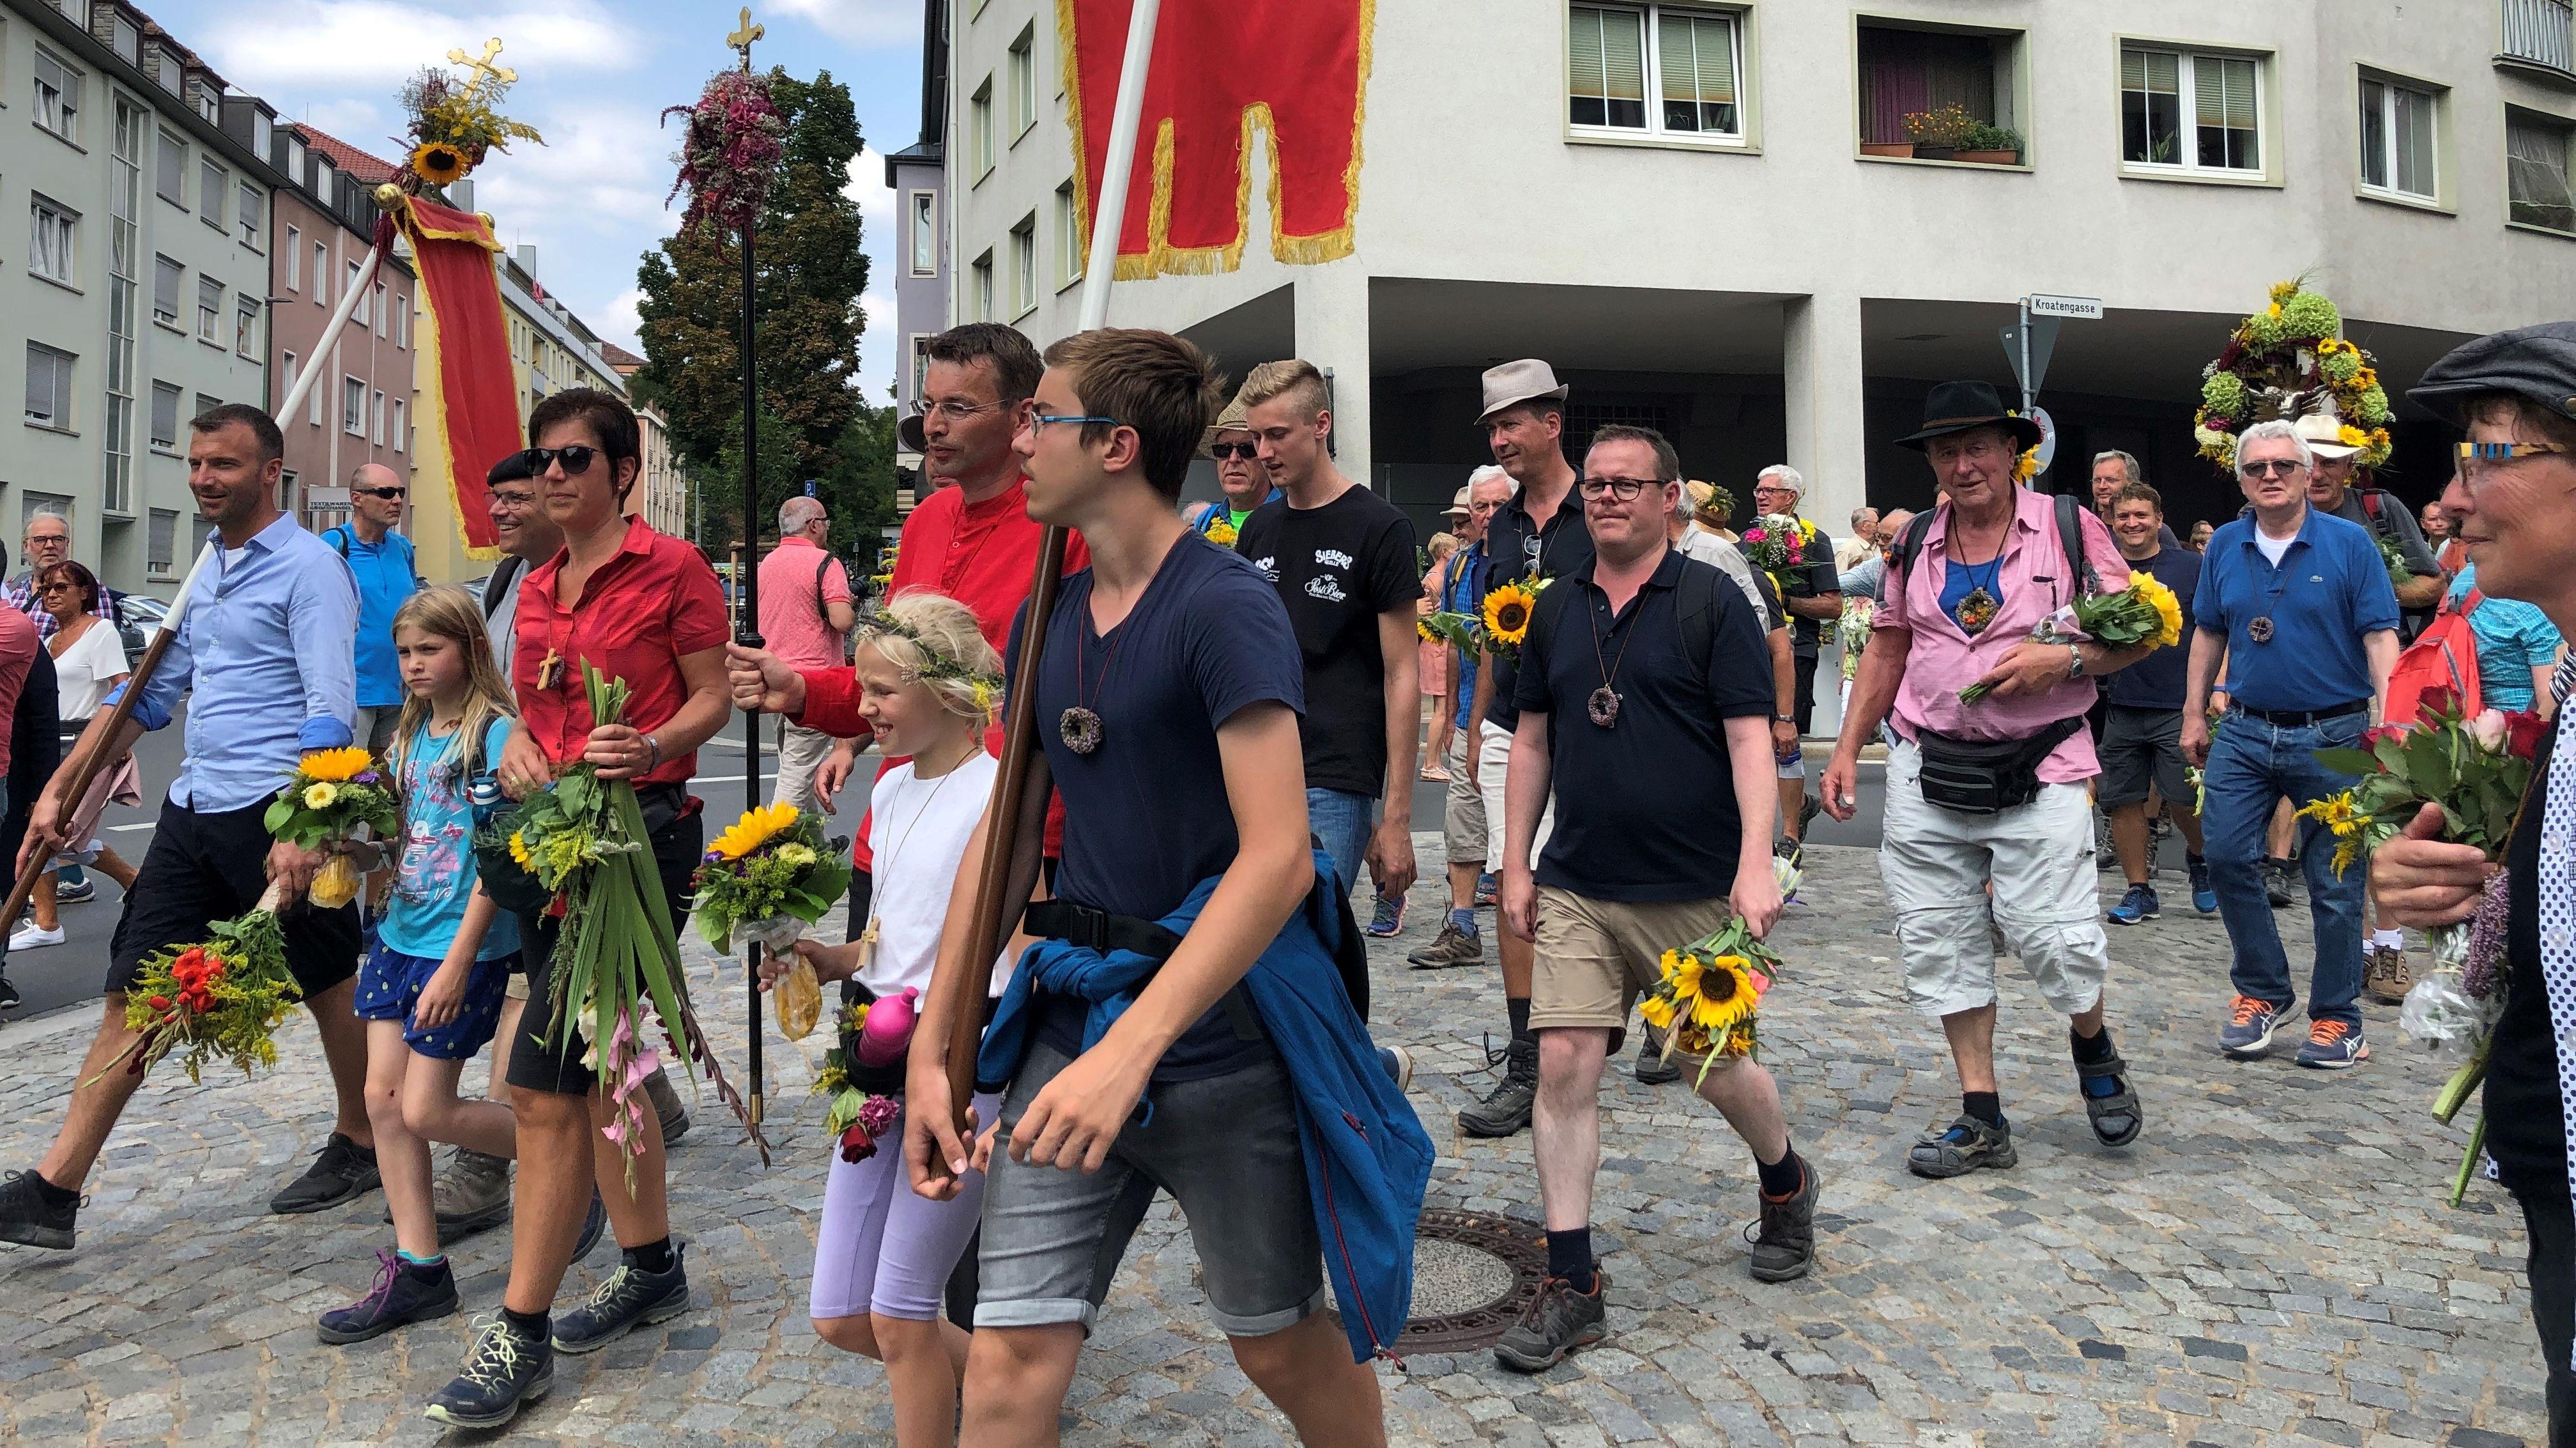 Die Wallfahrer kamen planmäßig am Samstagnachmittag in der Würzburger Semmelstraße an.